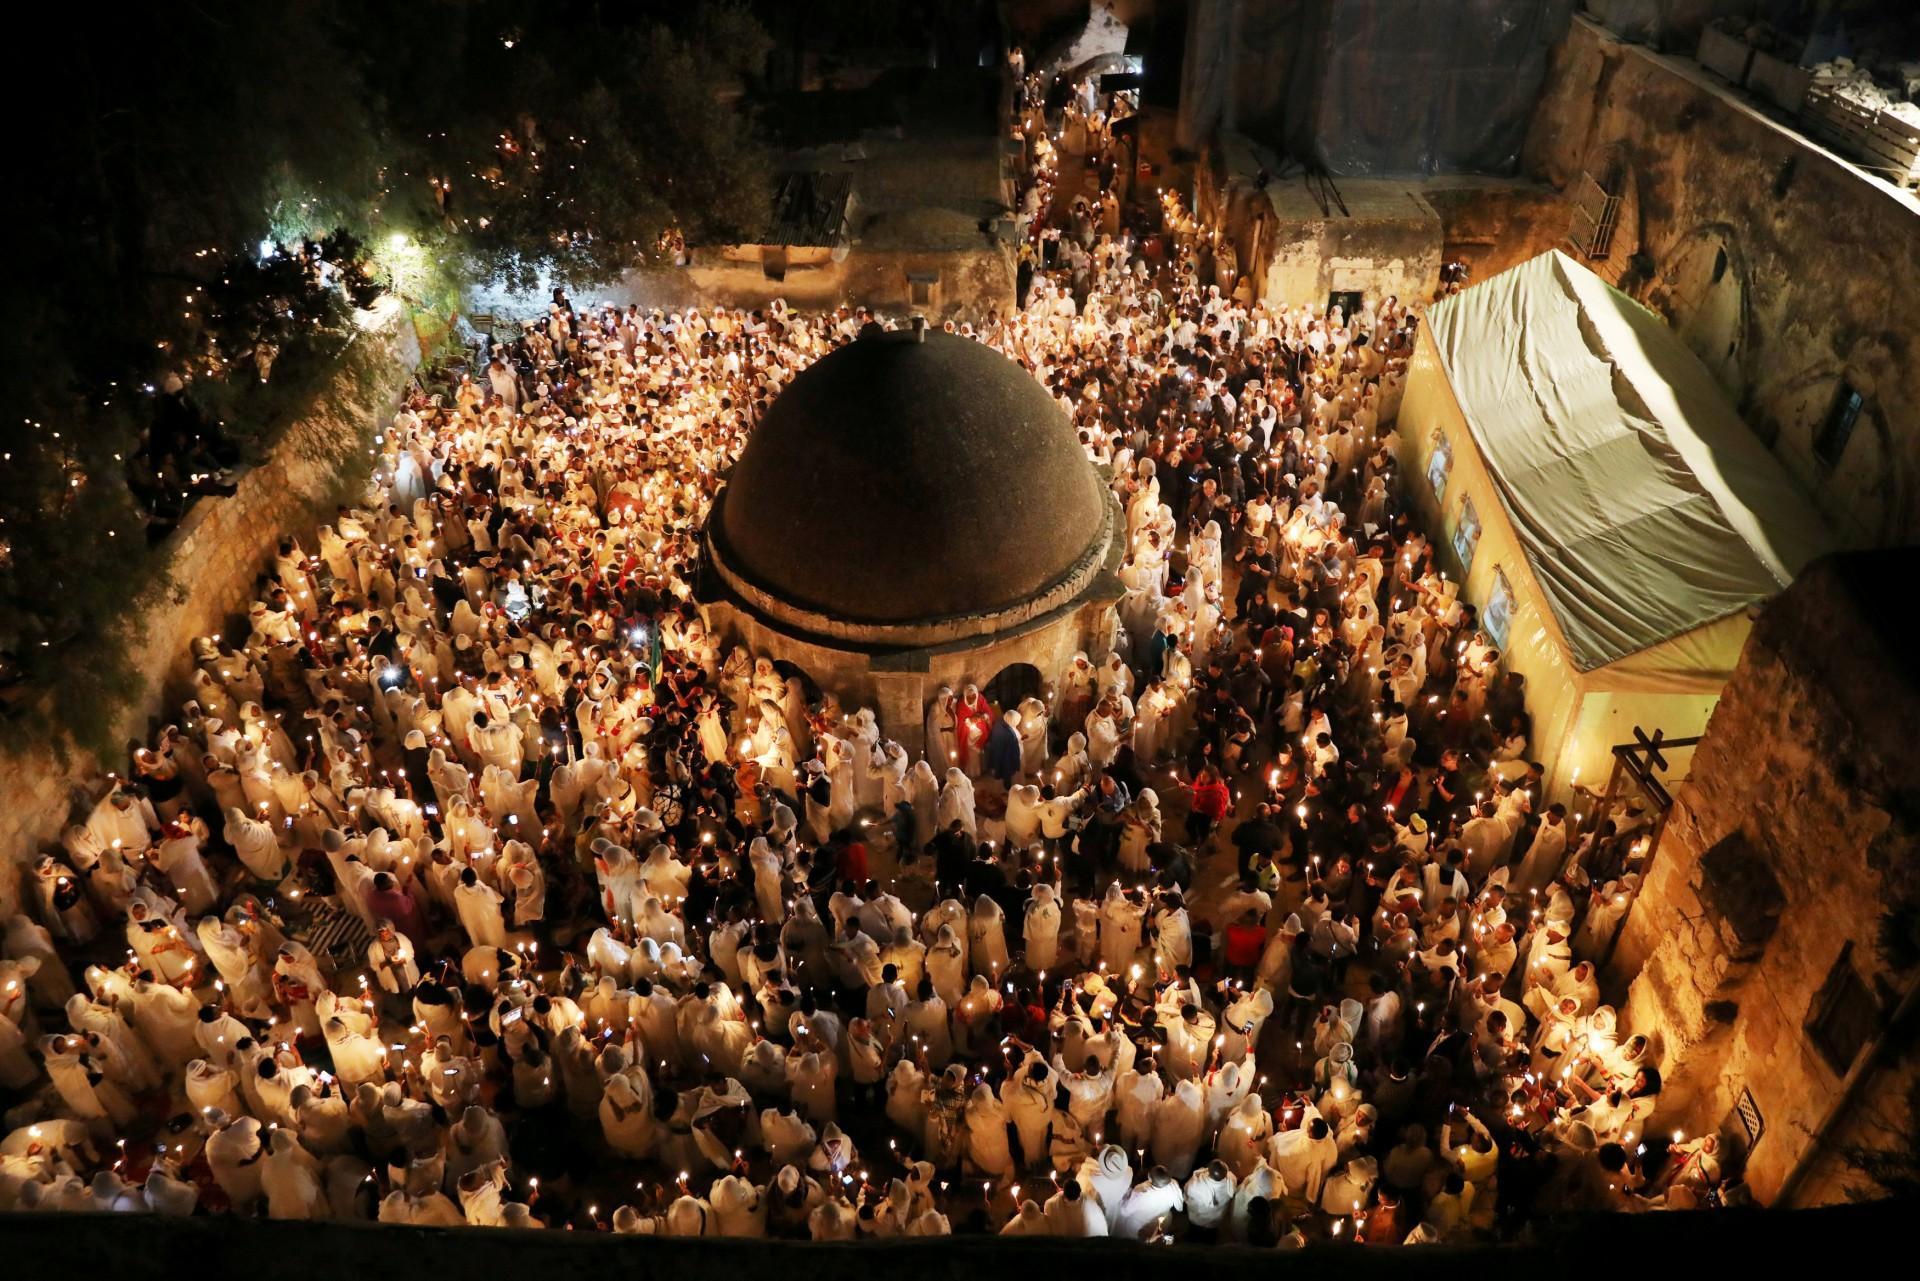 Los adoradores ortodoxos etíopes sostienen con velas durante la ceremonia del Fuego Sagrado en la sección etíope de la Iglesia del Santo Sepulcro en la ciudad vieja de Jerusalén, el 7 de abril de 2018.